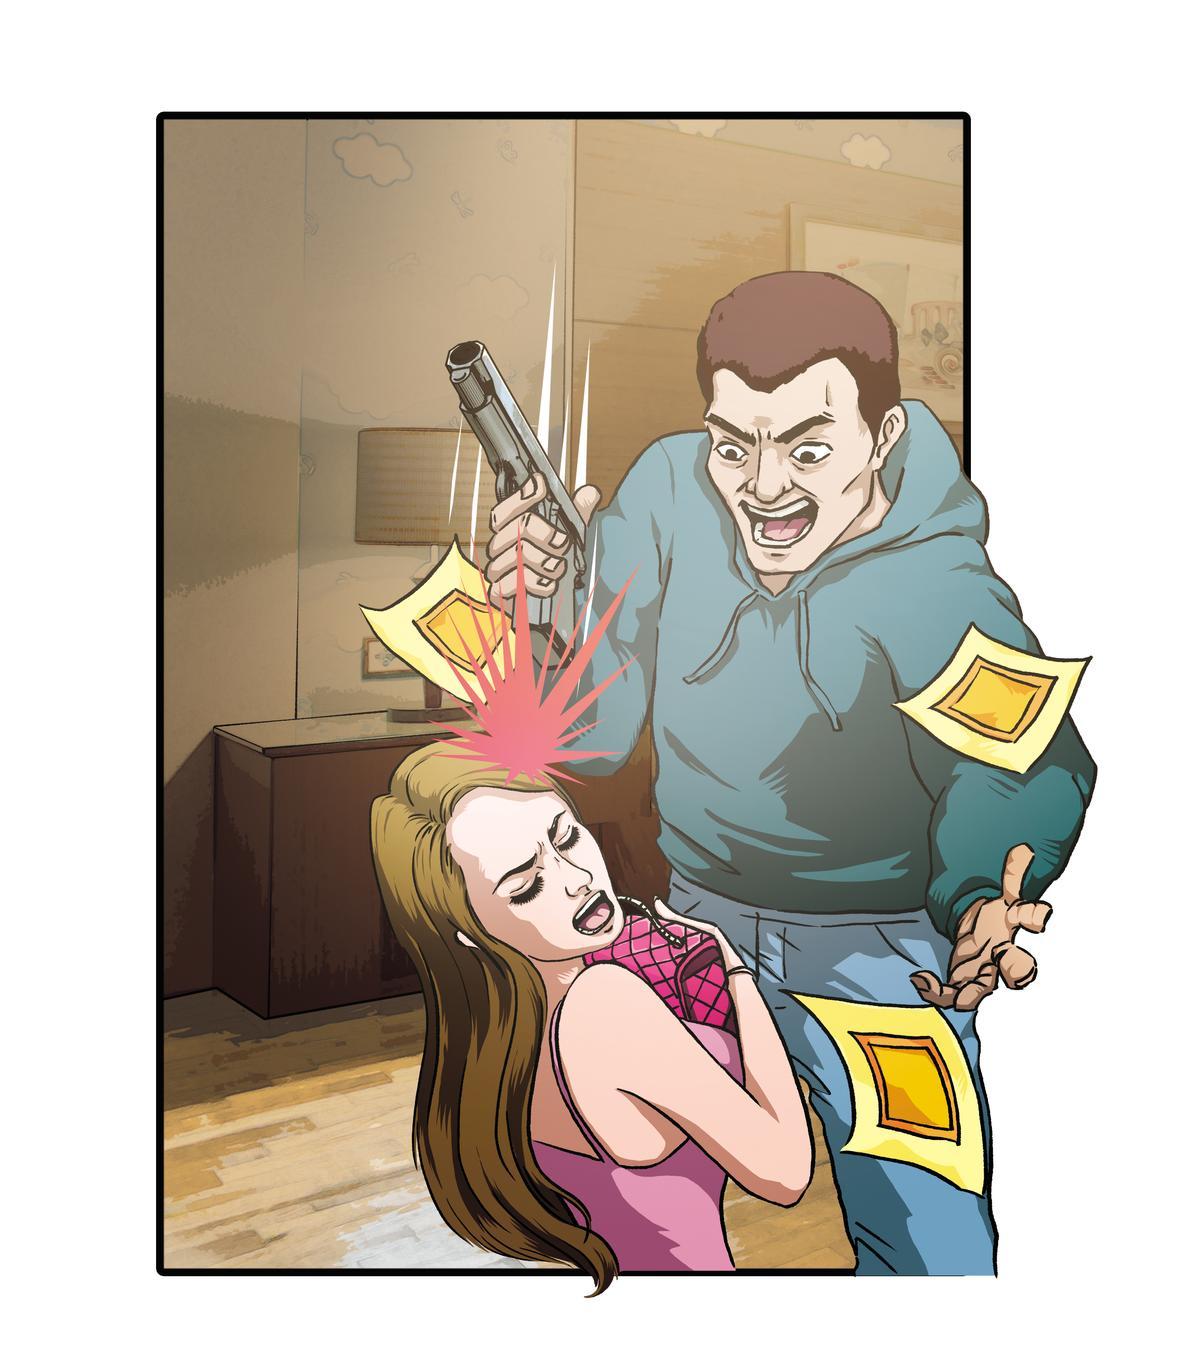 搶匪一進門就拿槍抵住賣淫女子,將賣淫女身上的現金洗劫一空。